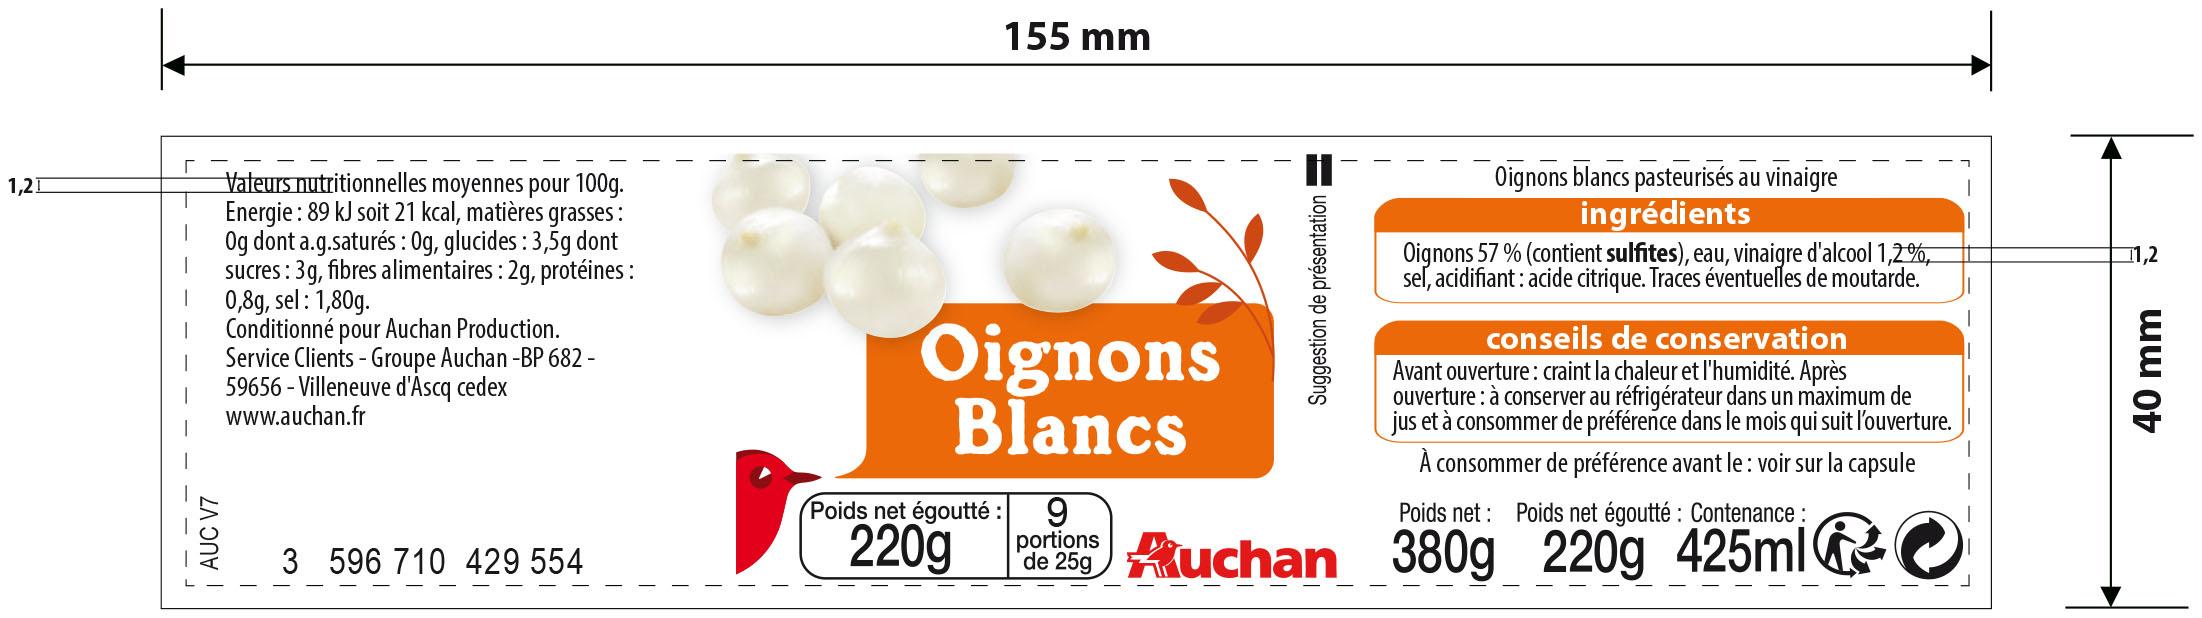 OIGNONS AUCHAN MODIF - 3 596 710 429 554 - version 3